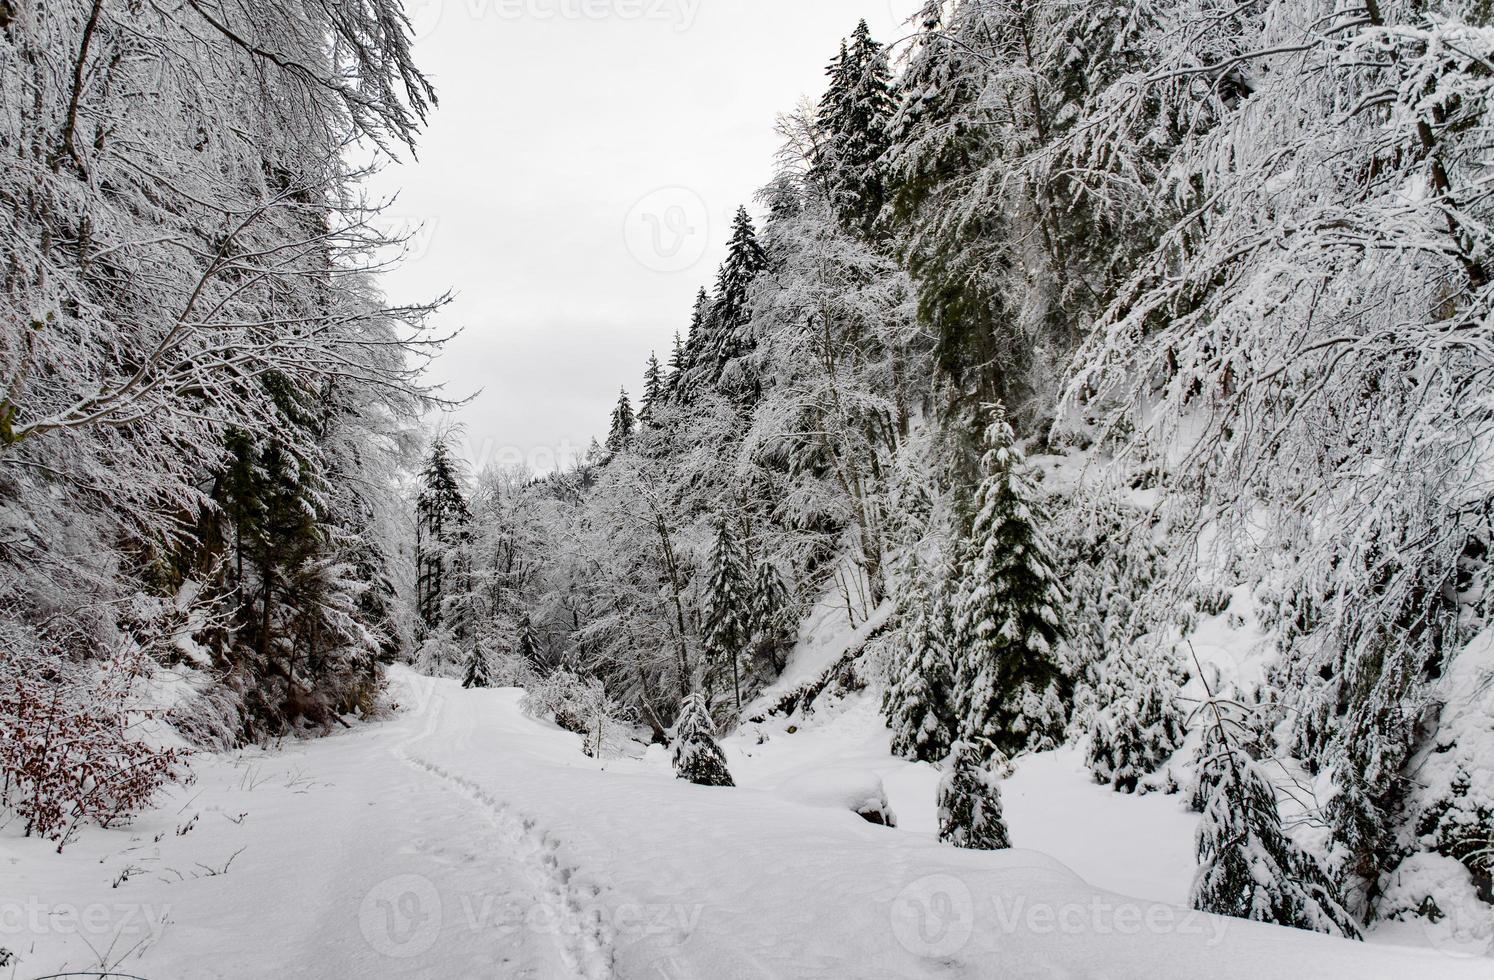 árboles cubiertos de nieve en las montañas. foto